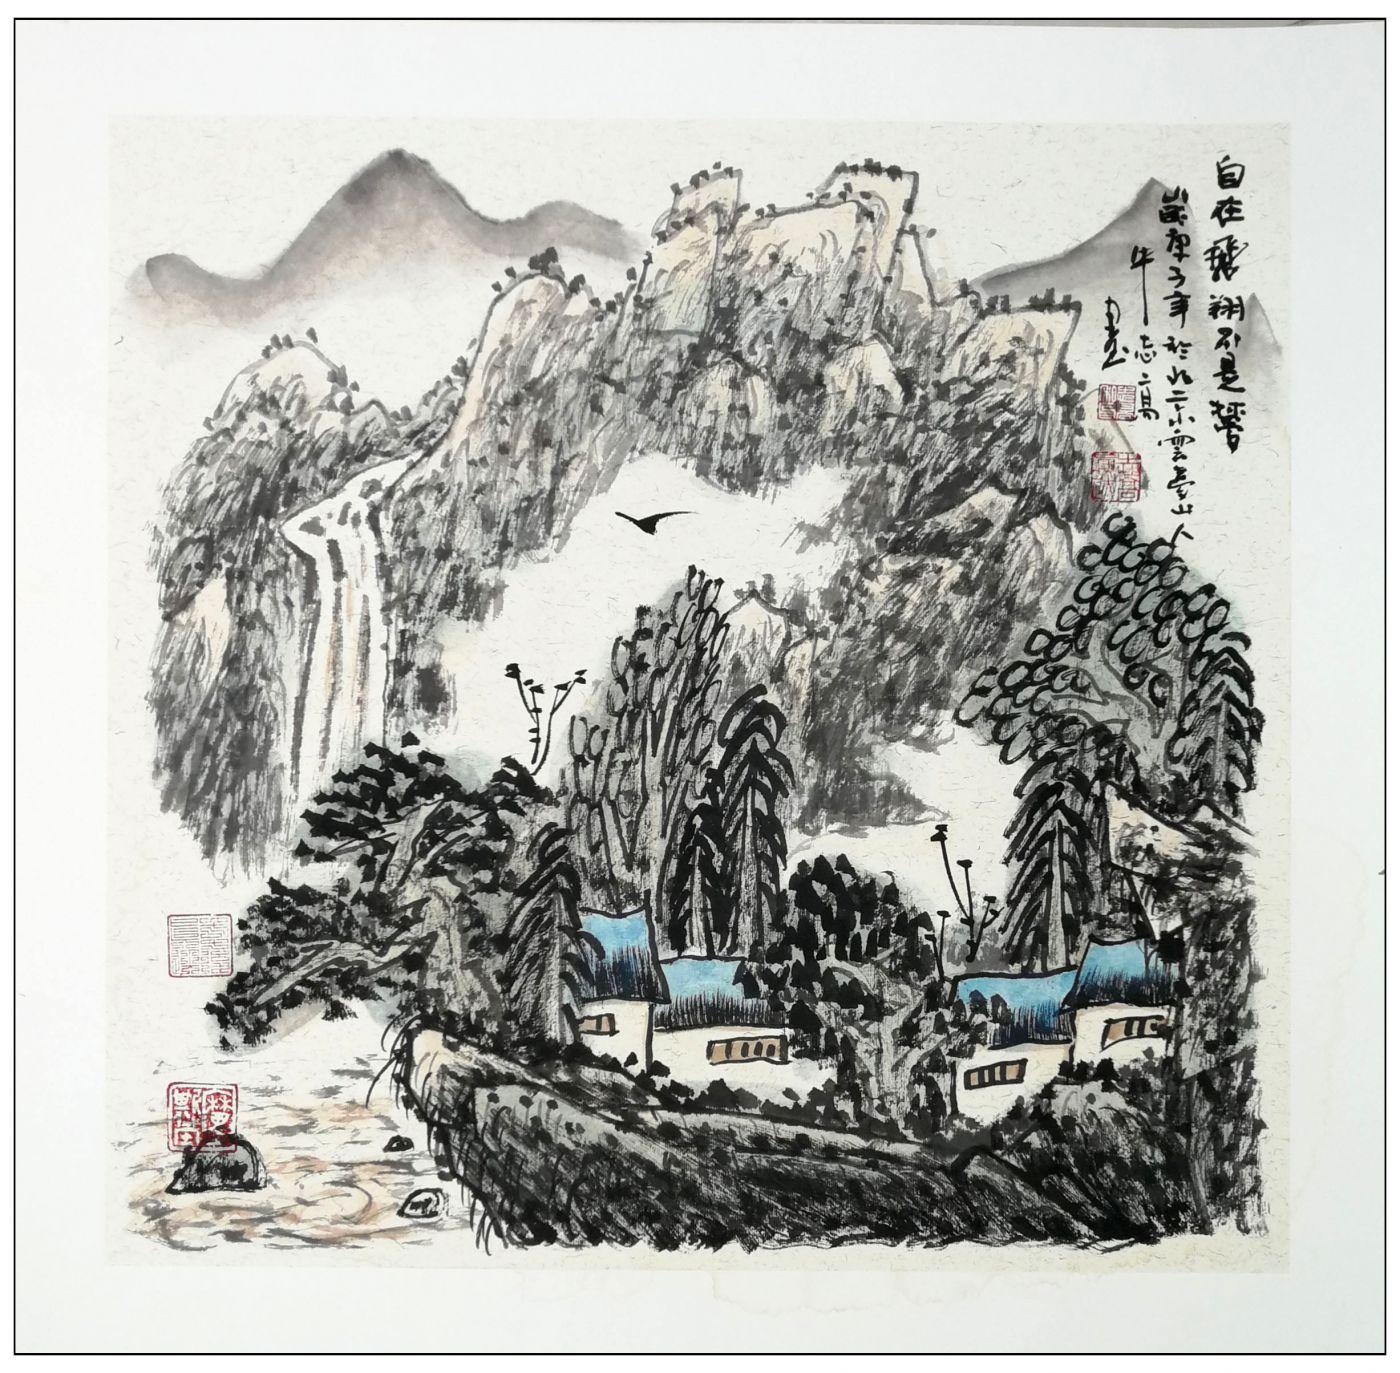 牛志高2020山水画新作-----2020.07.05_图1-1